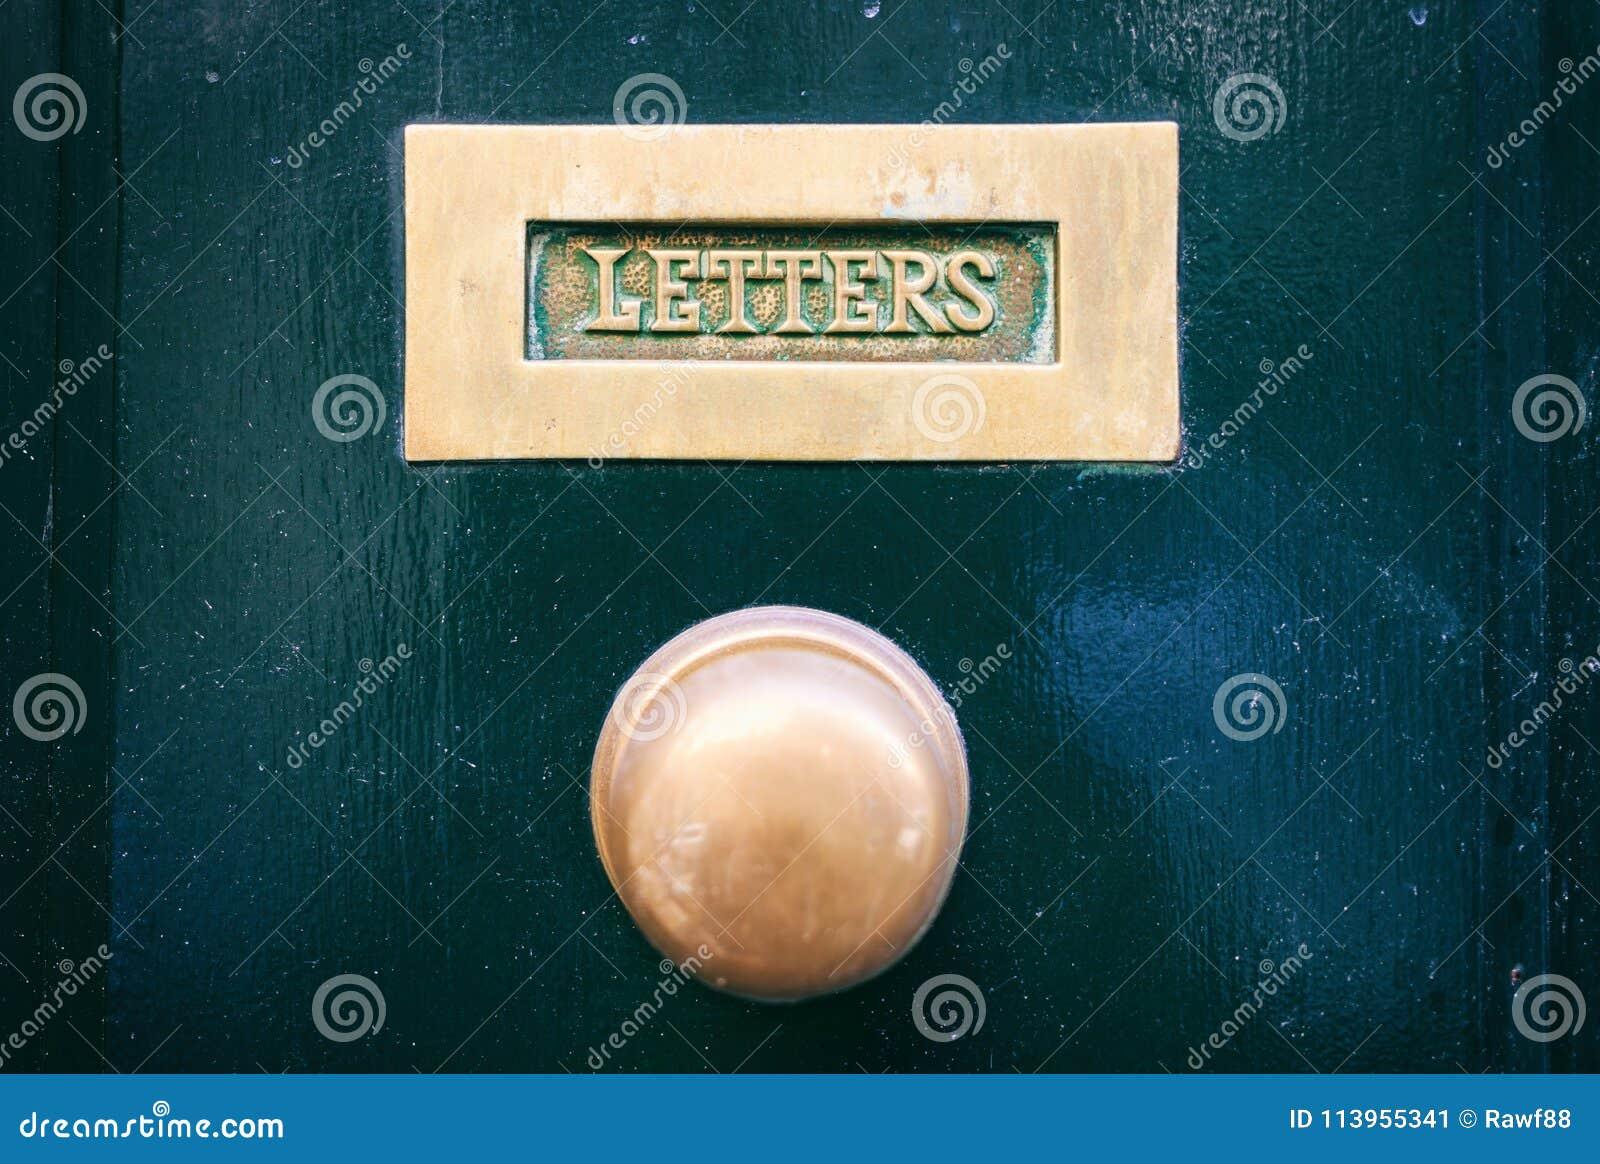 Gammal mässingspostbrevlåda och knopp på en gräsplan målad ytterdörr, textbokstäver